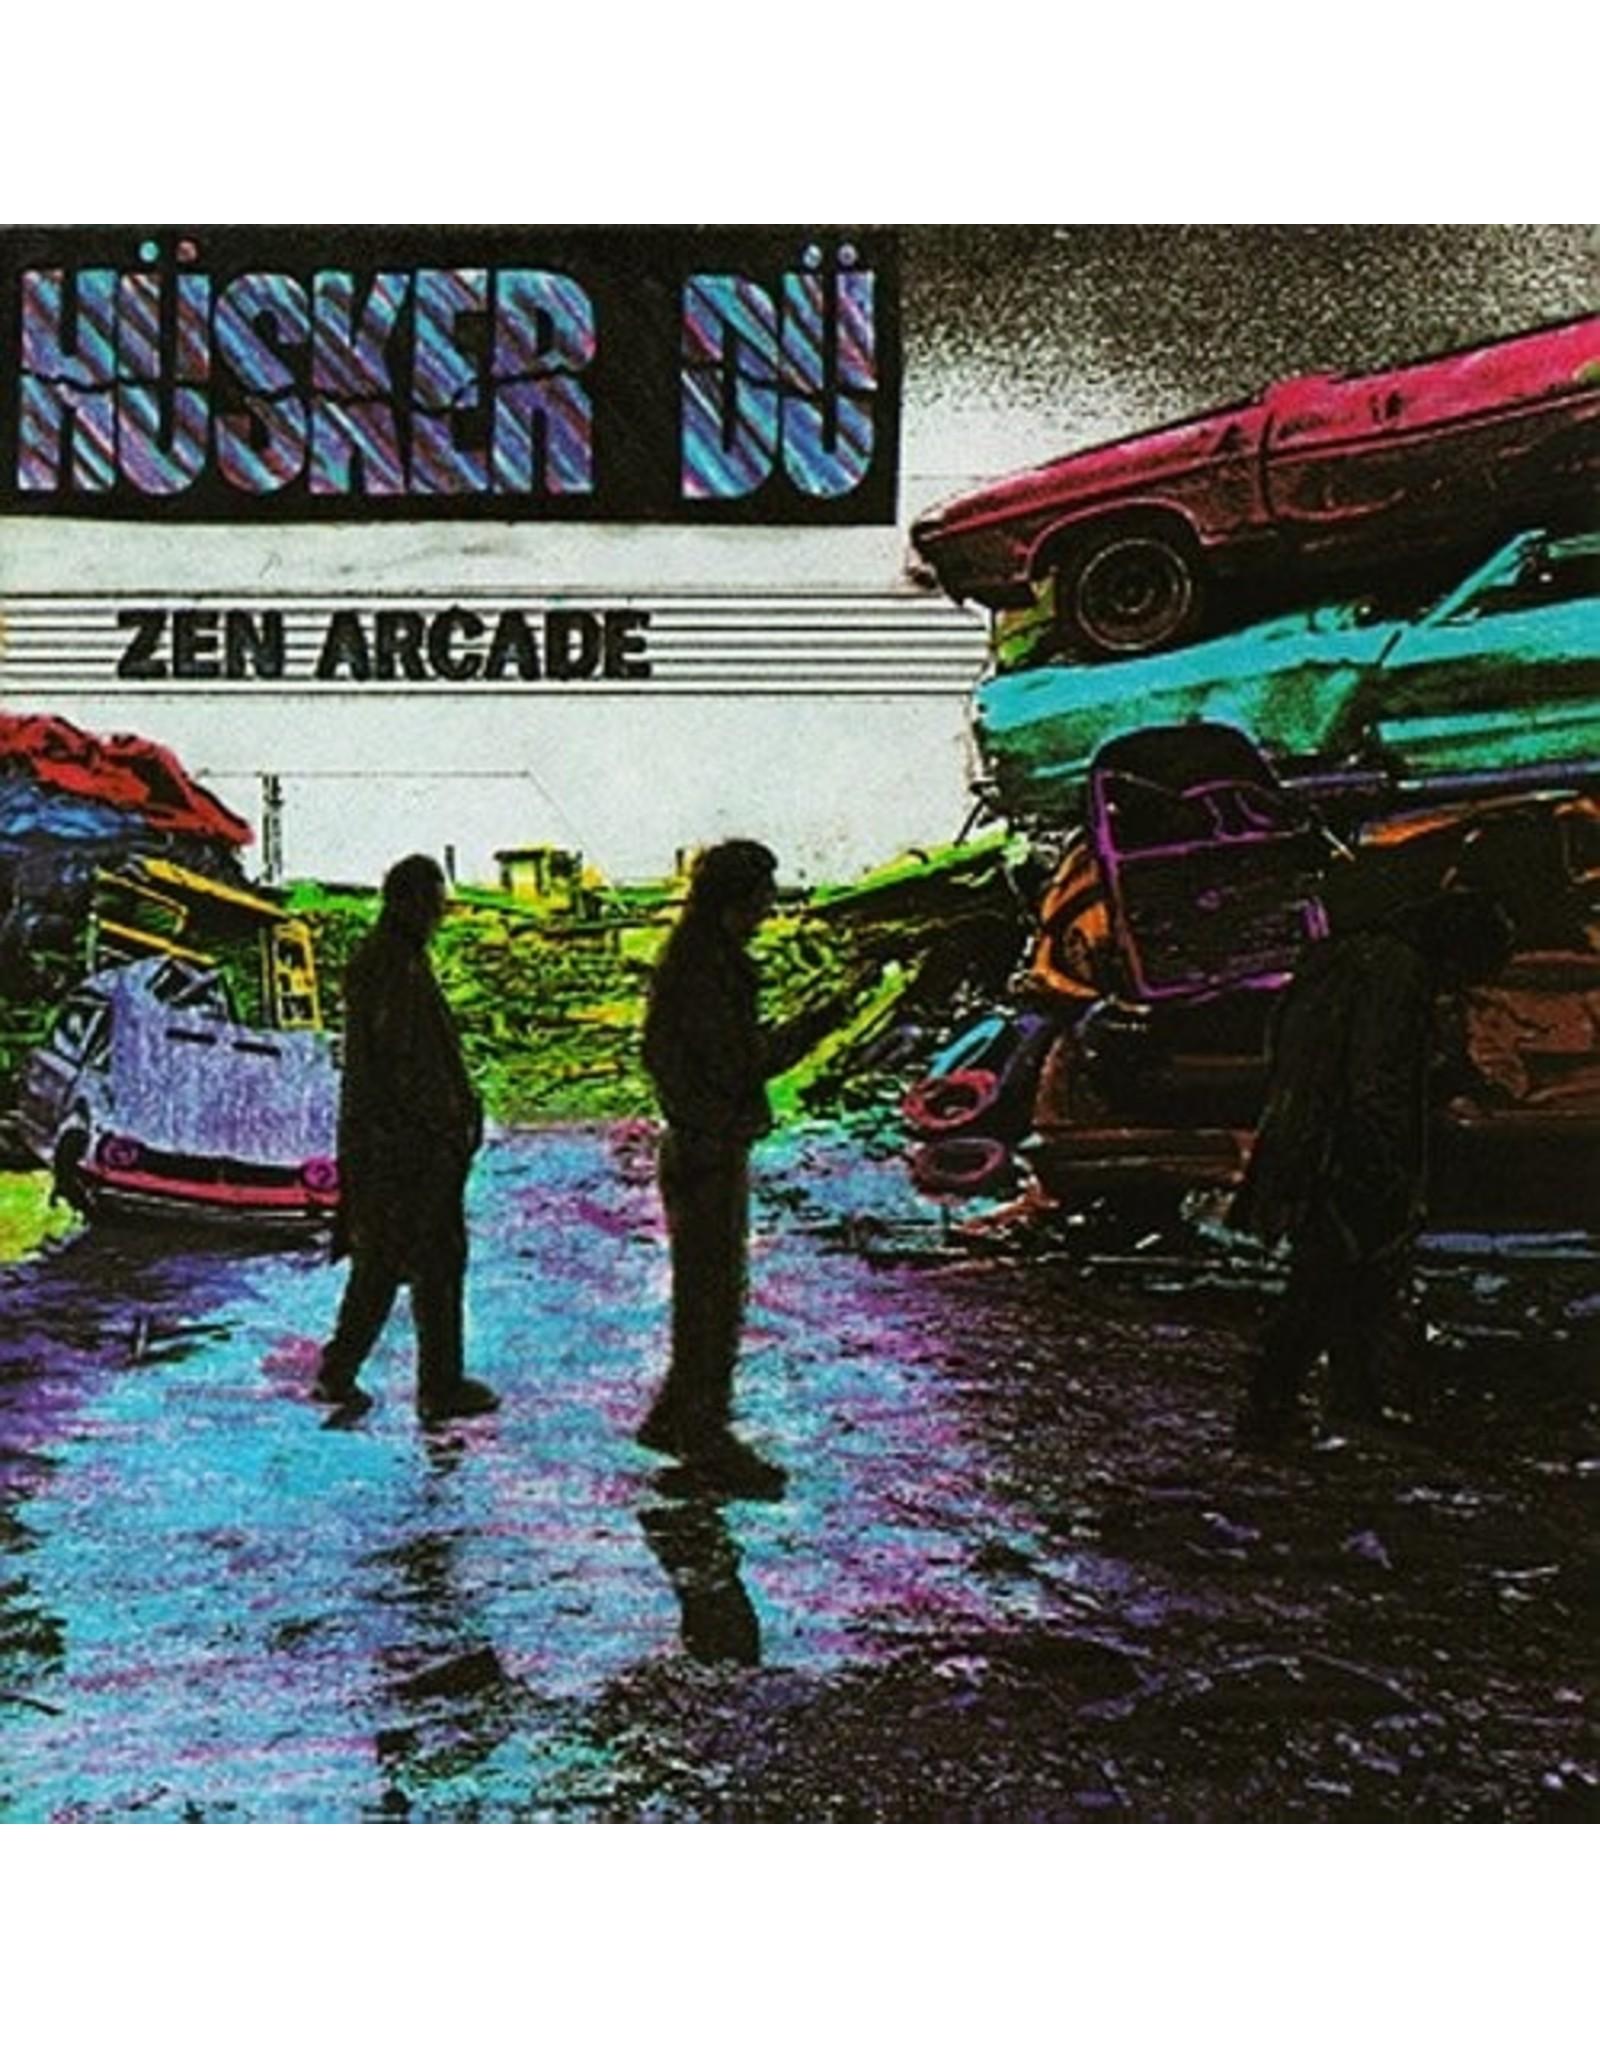 New Vinyl Husker Du - Zen Arcade 2LP